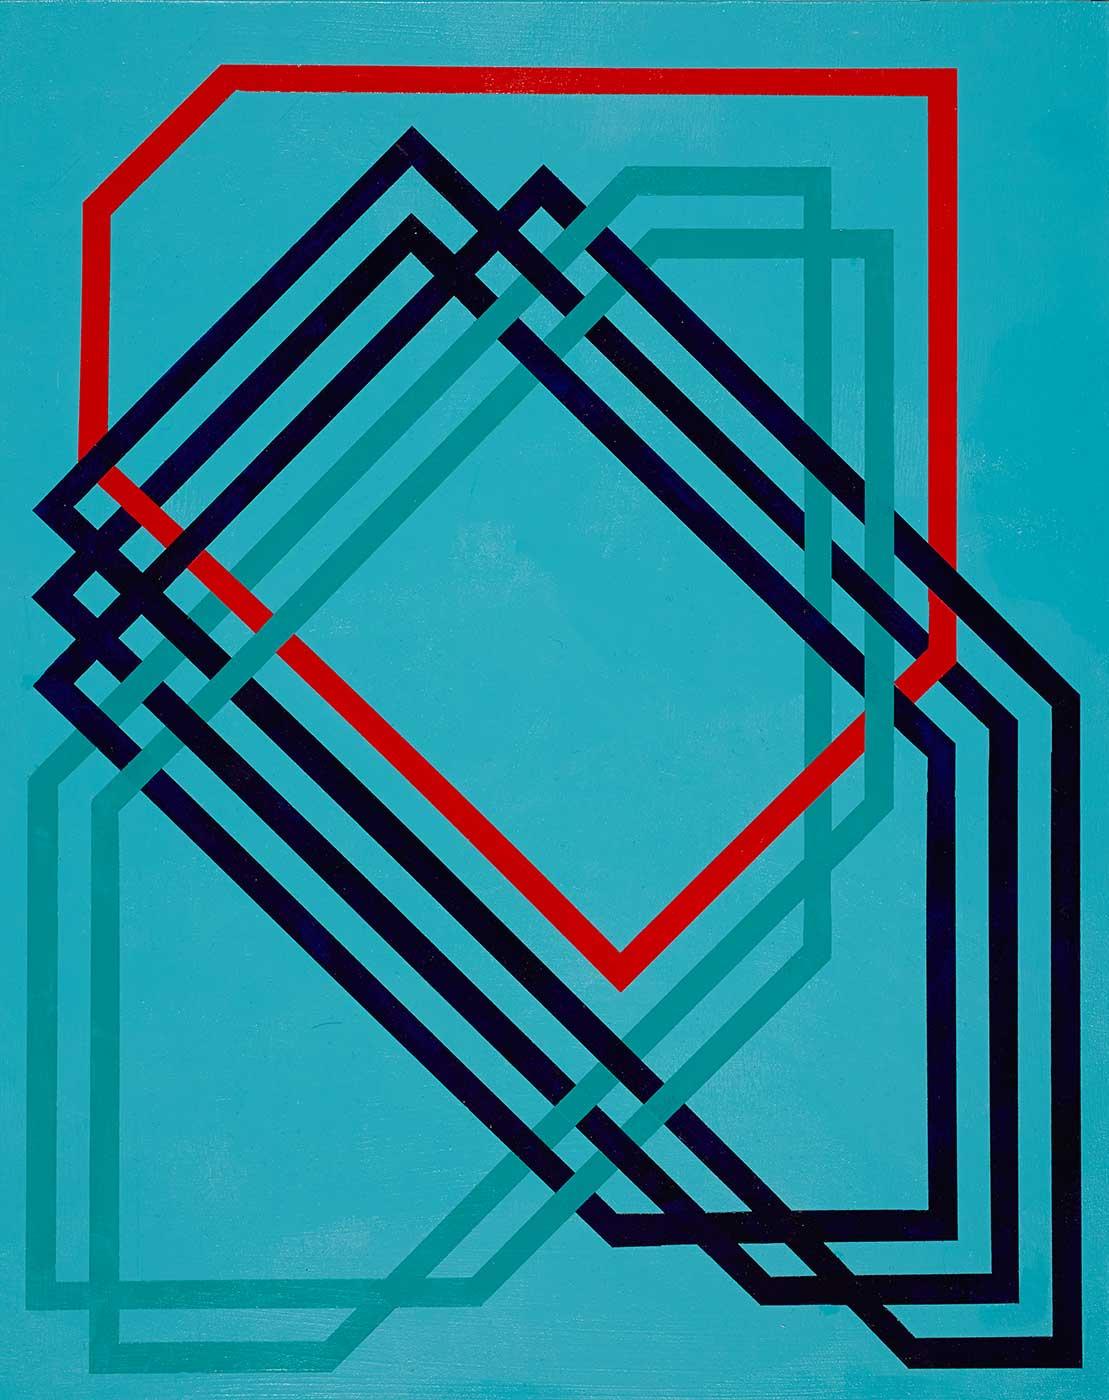 Shaheer Zazai - Untitled/New New V